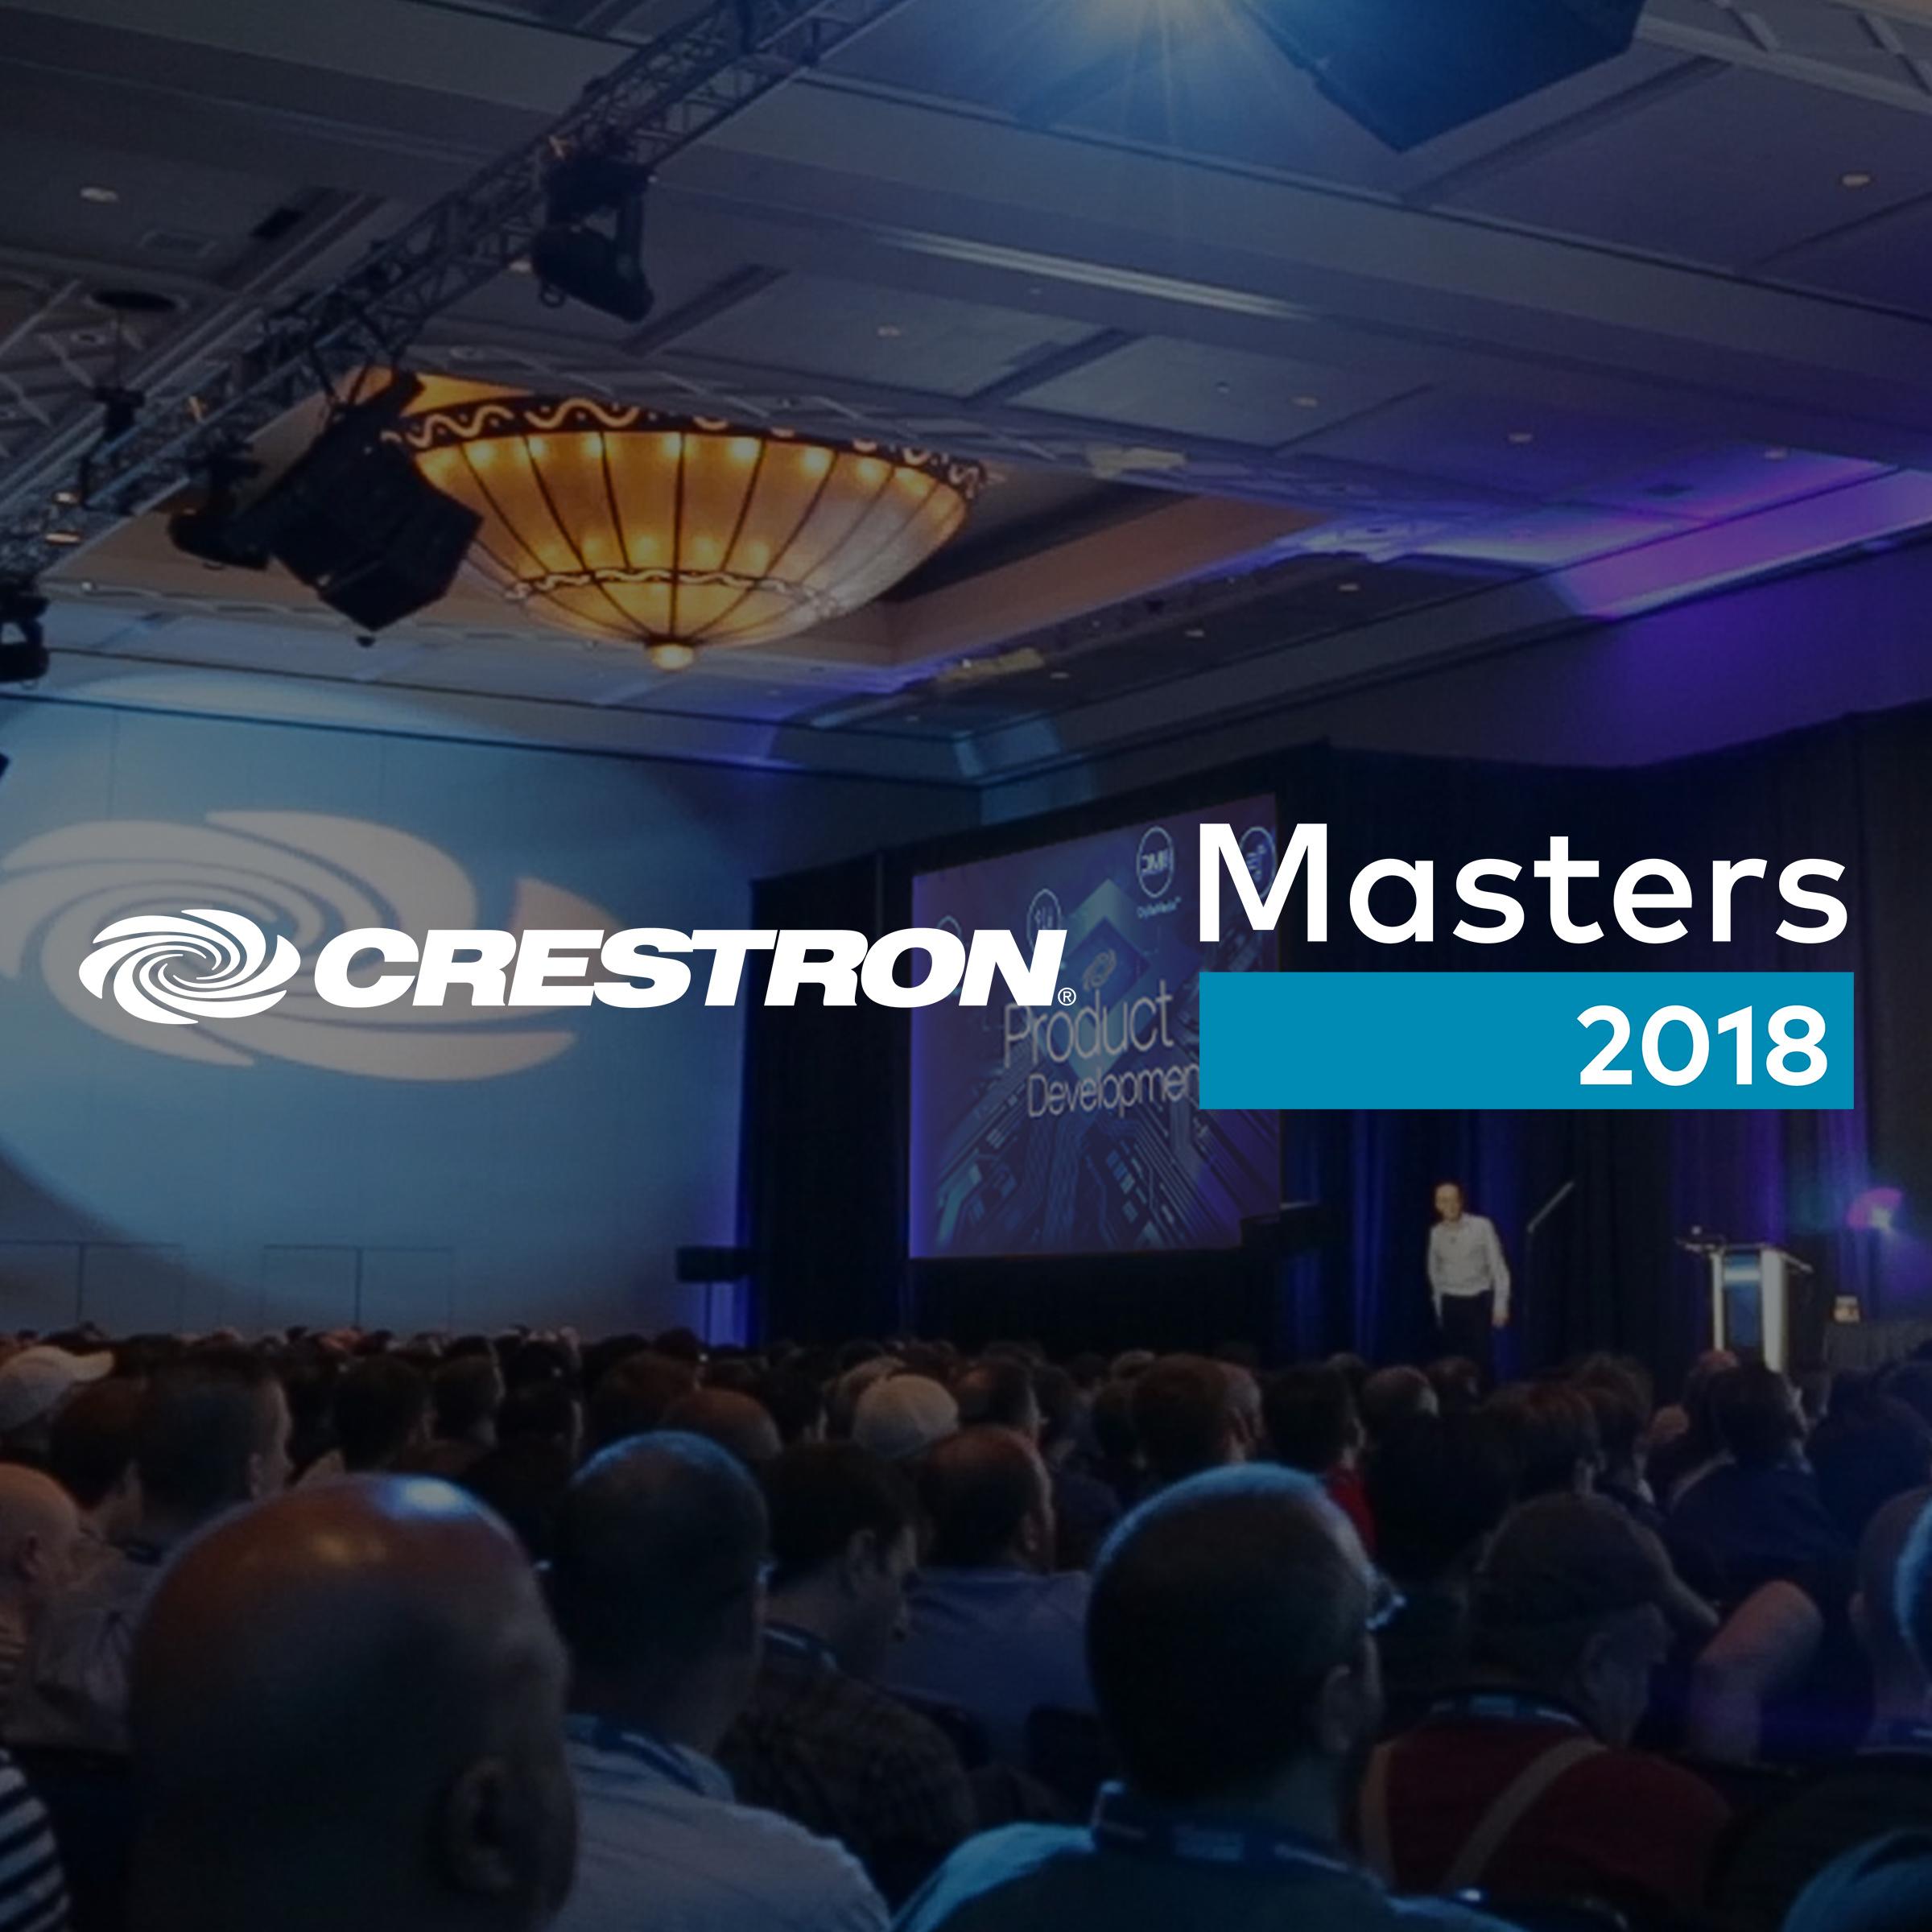 Crestron Announces Details For Masters 2018 Crestron Electronics Inc